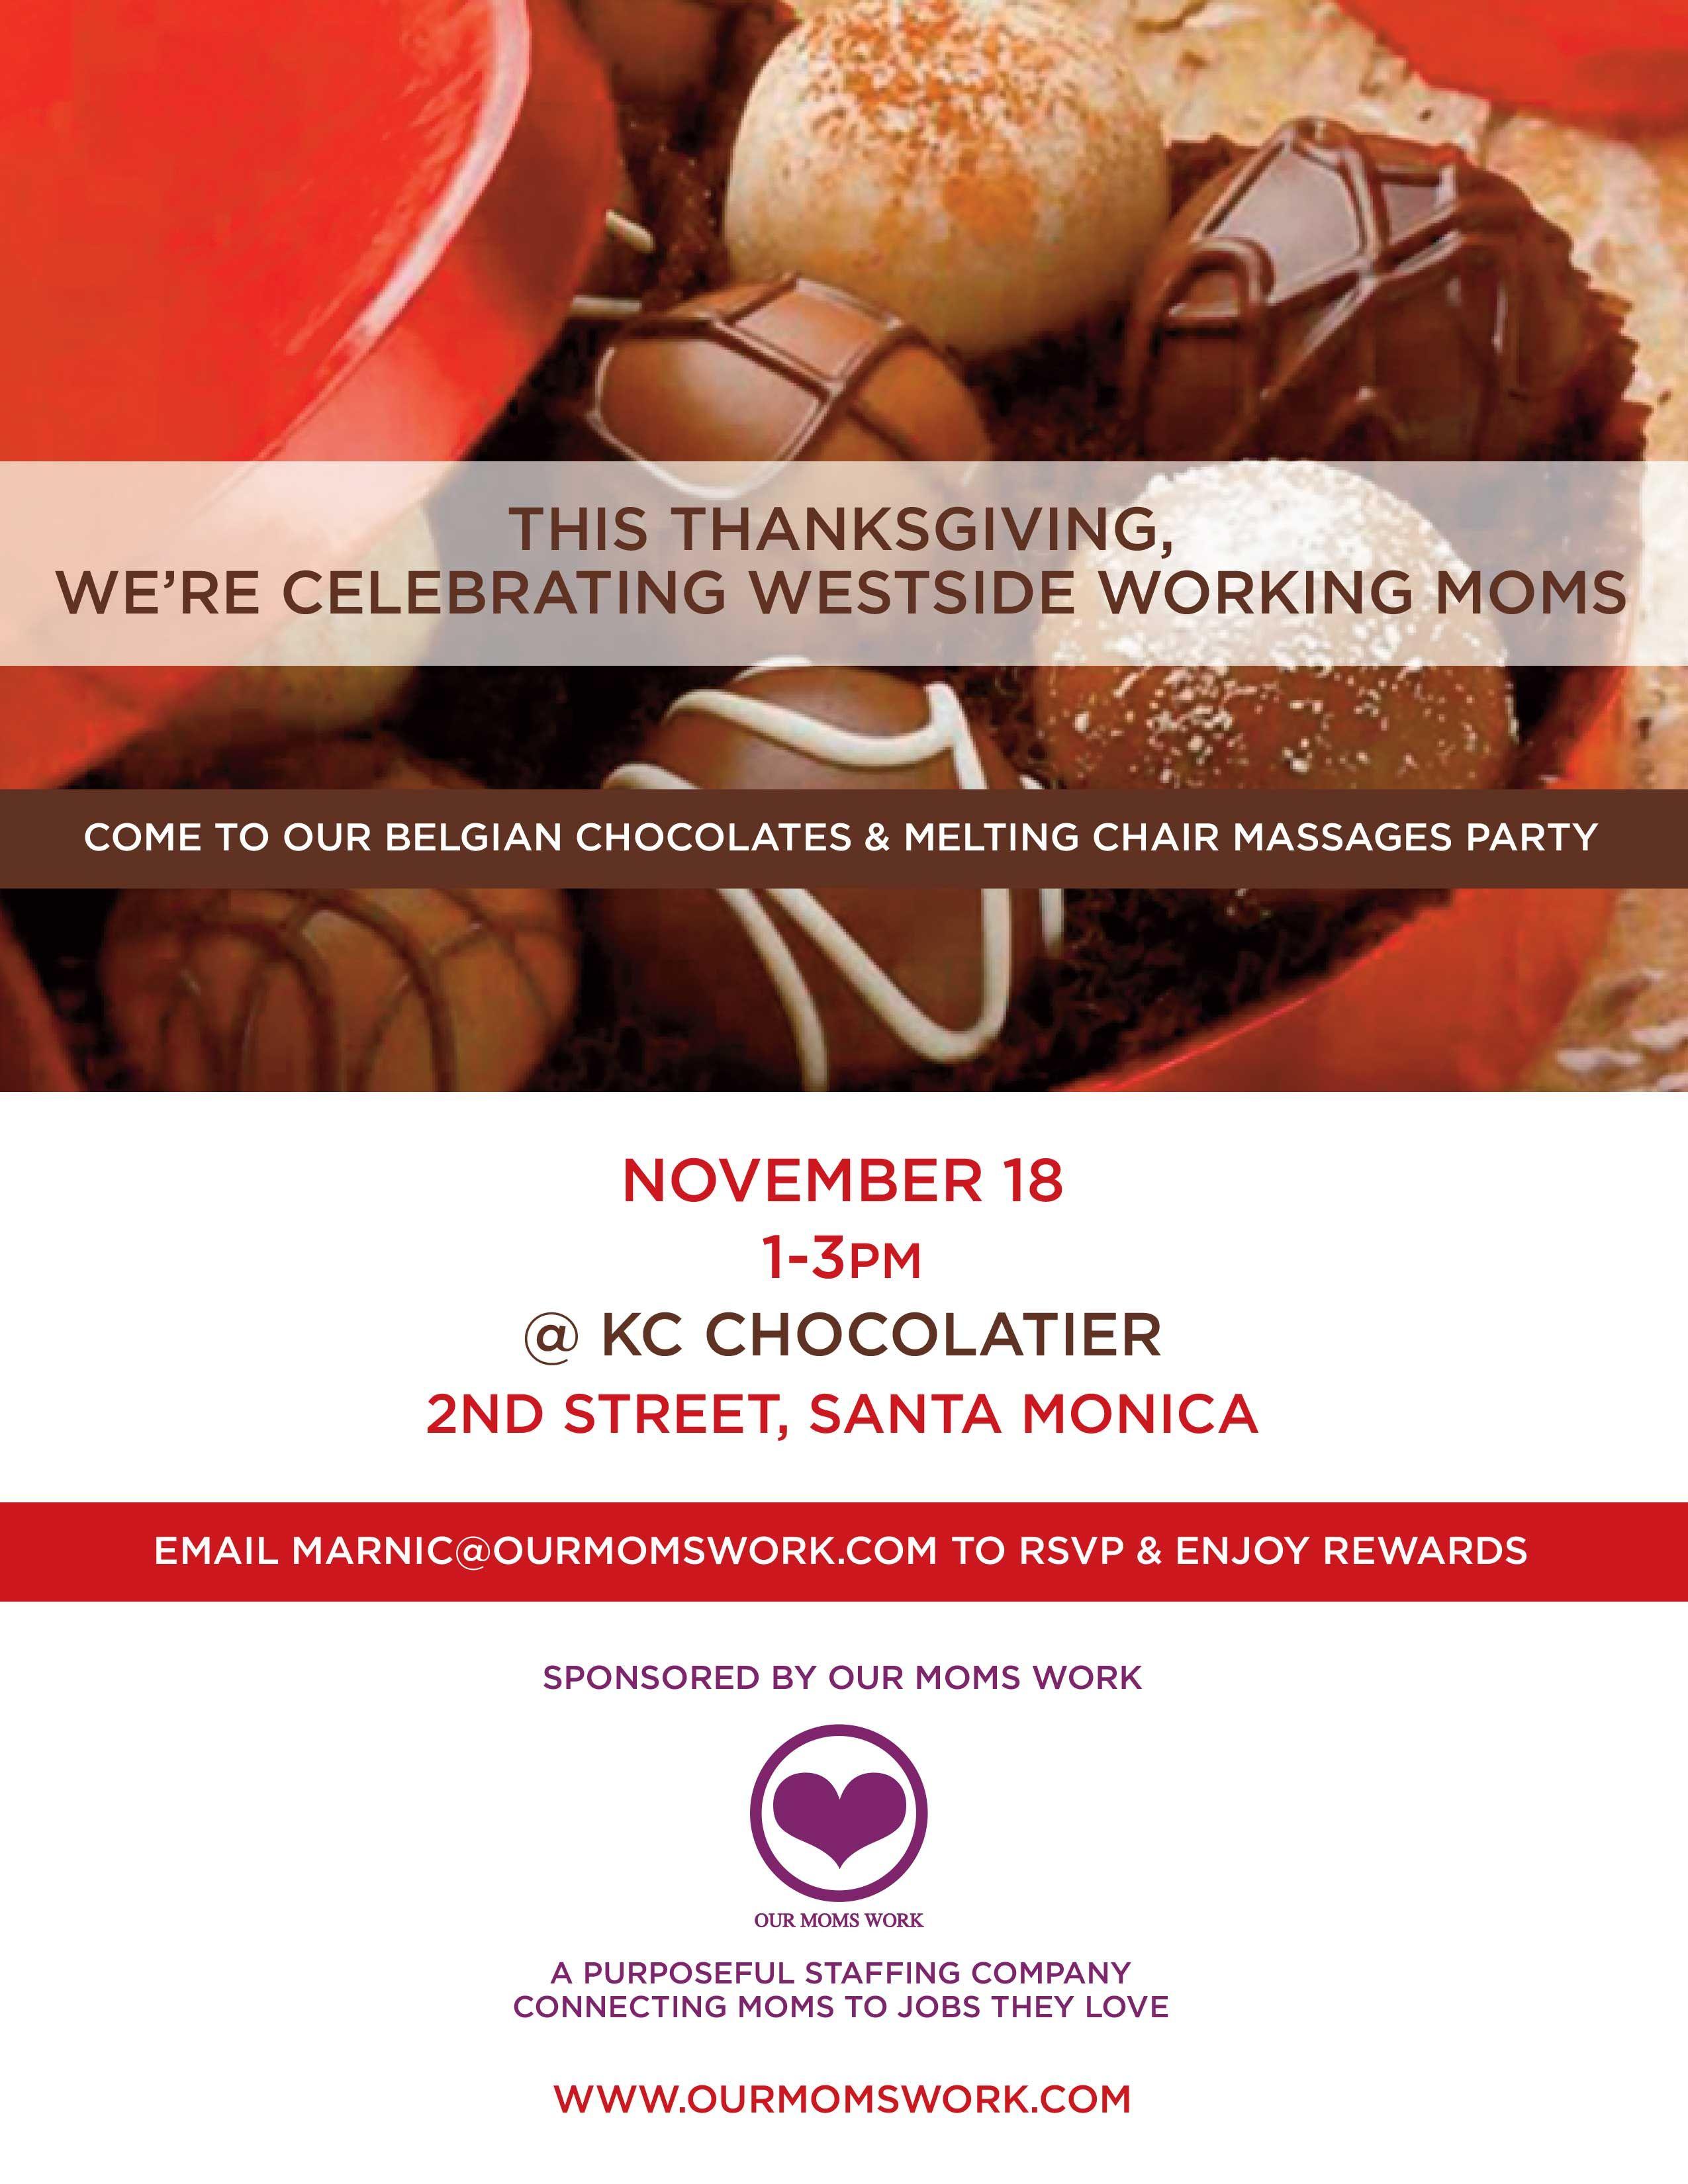 OMW-FLYER-Thanksgiving-chocolates-v3